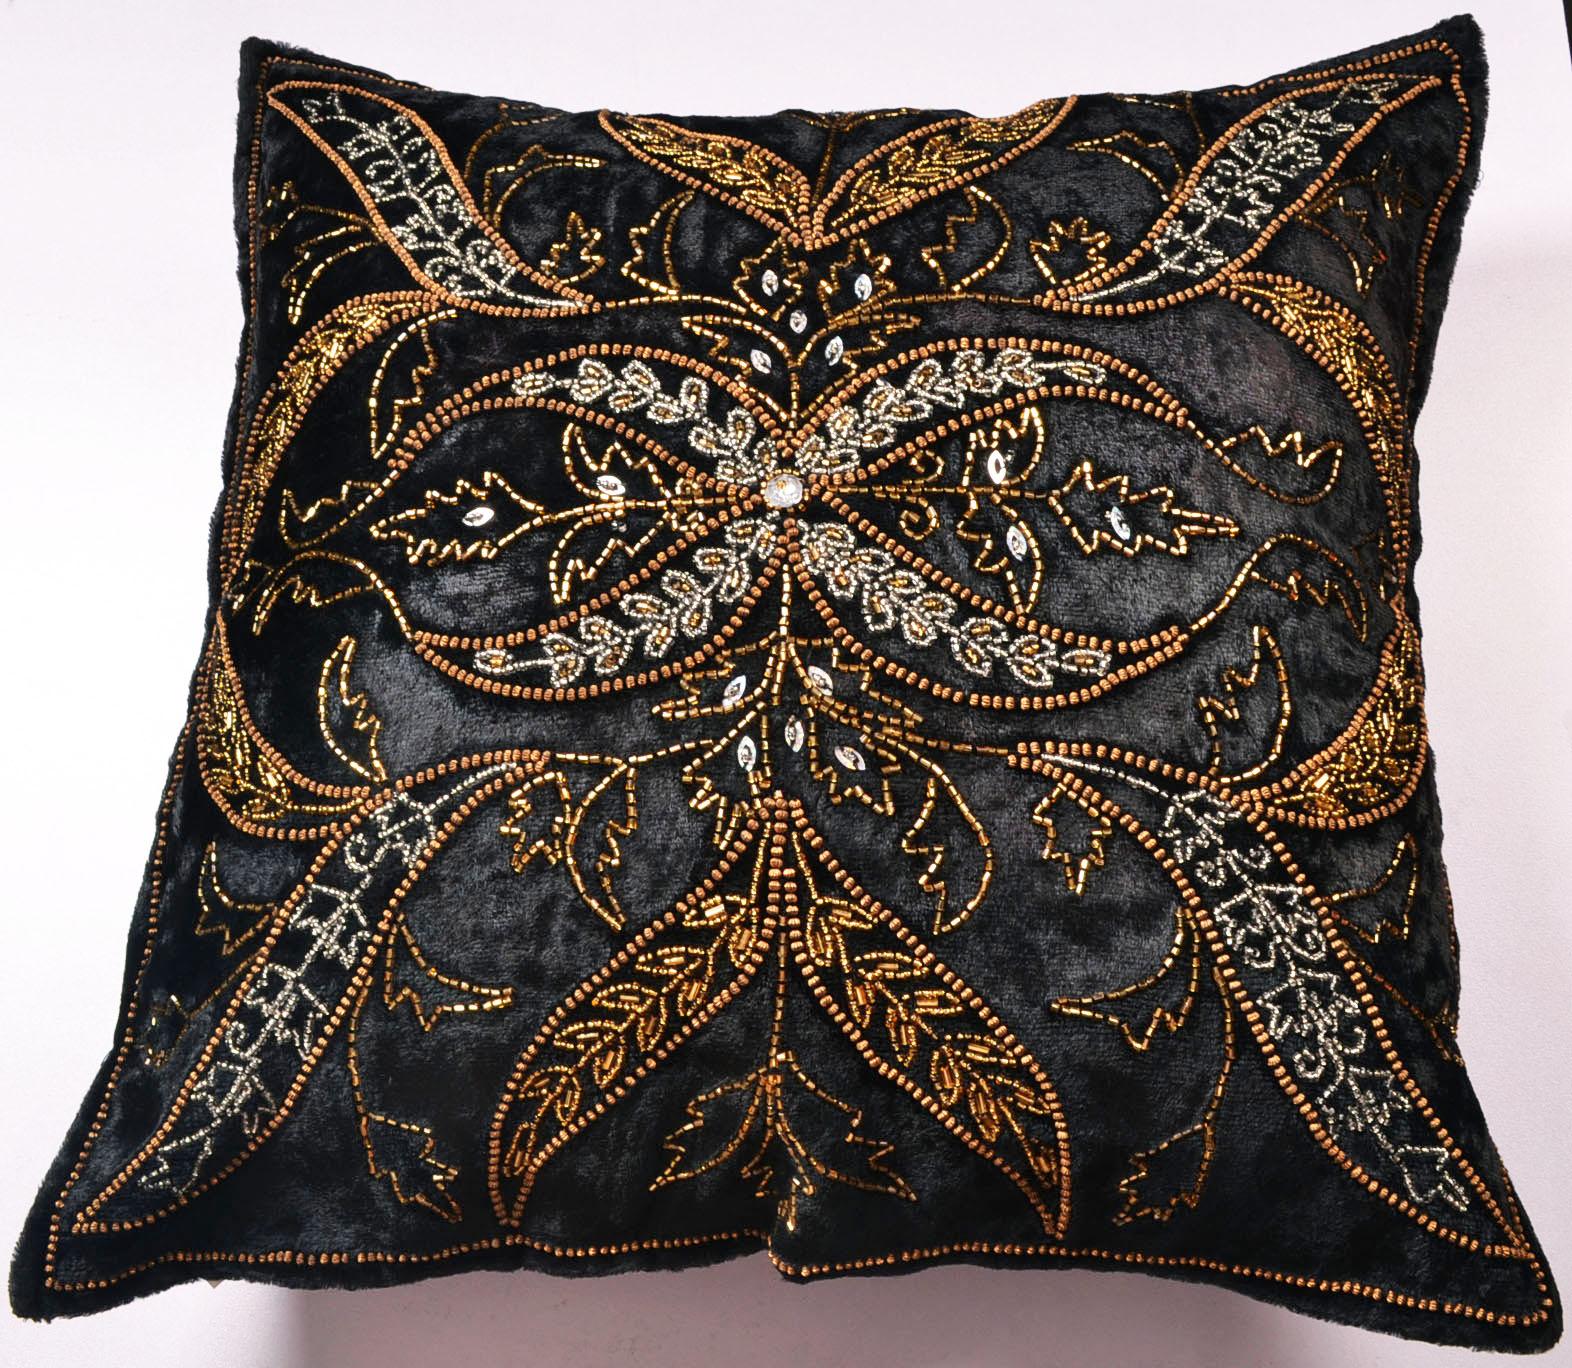 Decorative Beaded Cushion Pillow Covers Pashmina Golden